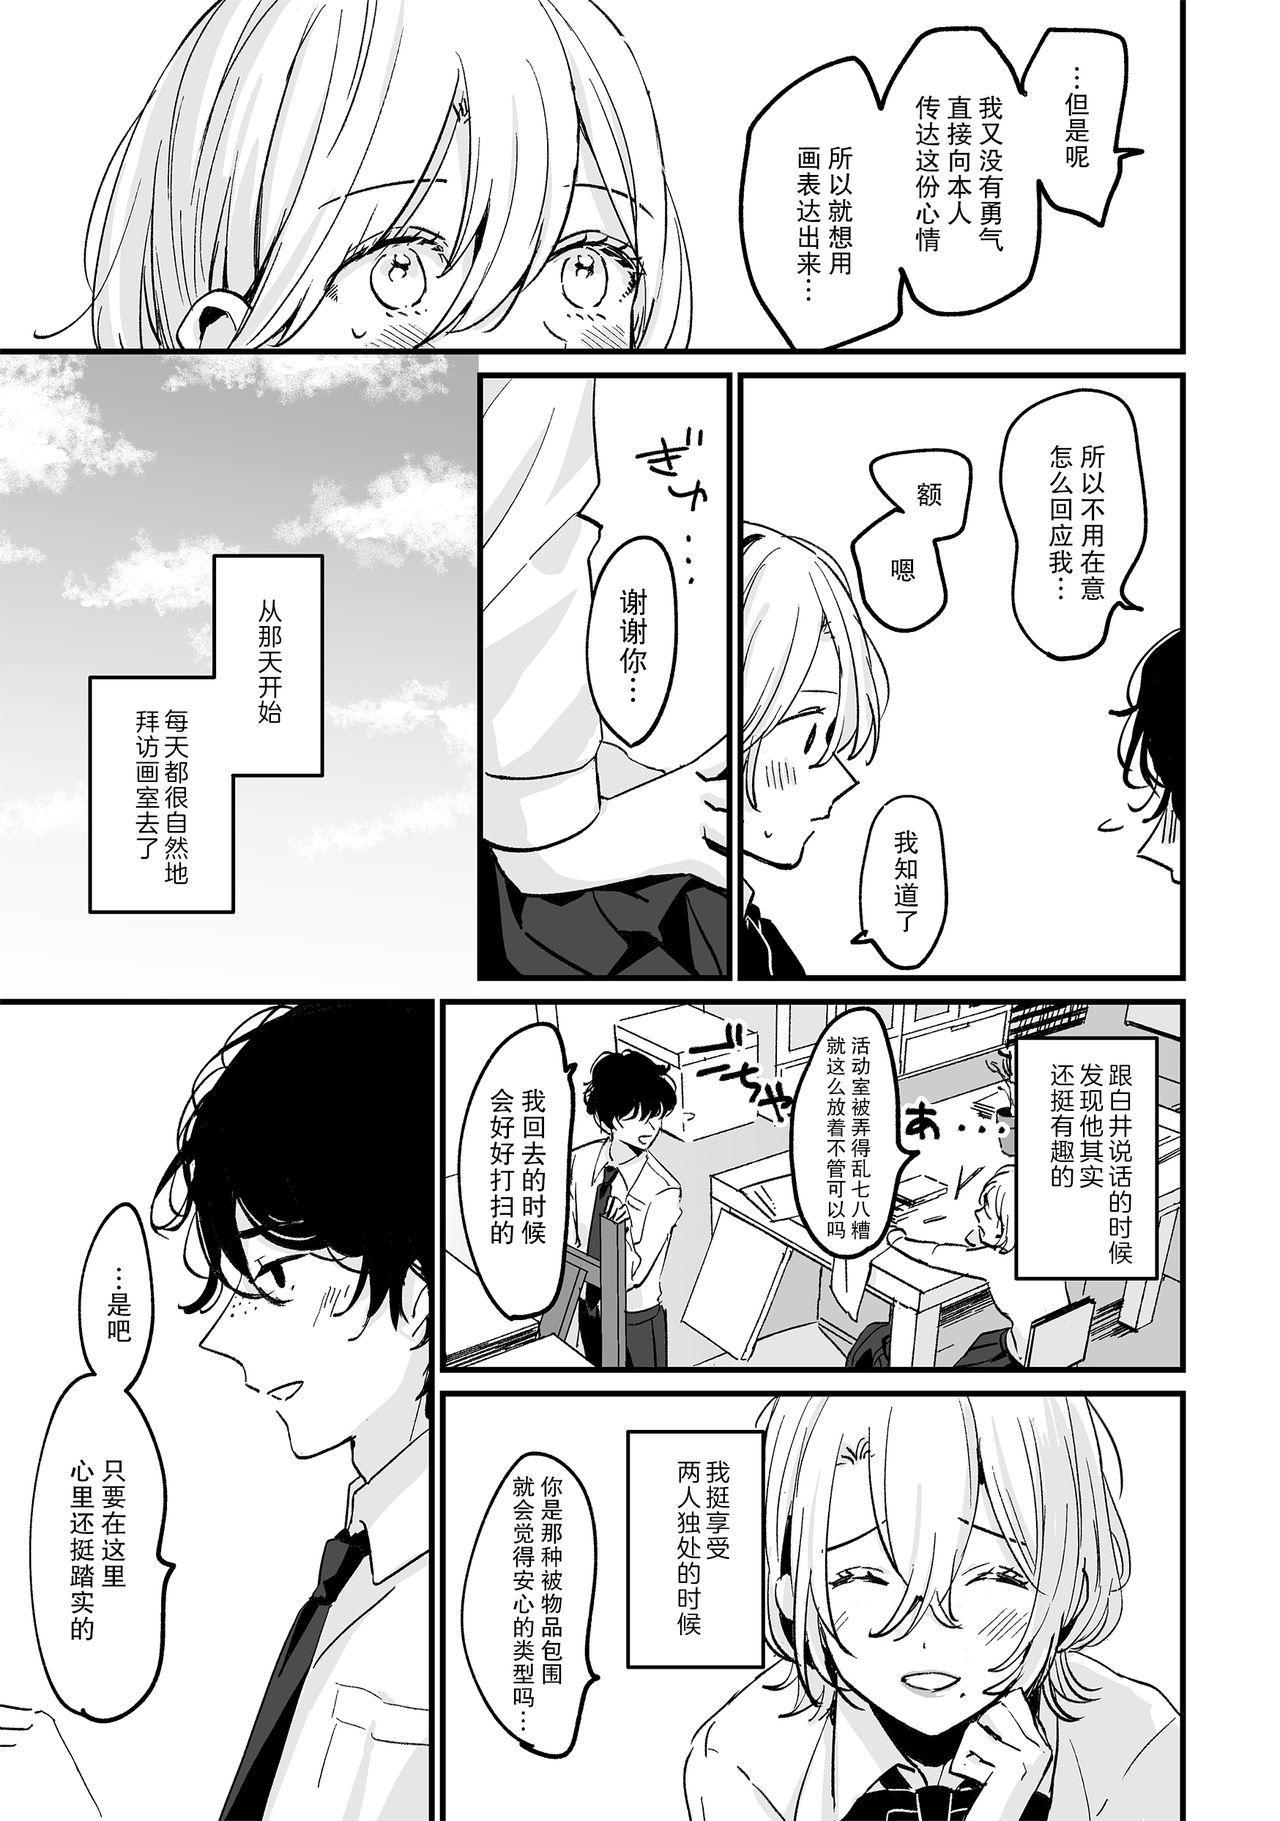 Houkago Sketch 9